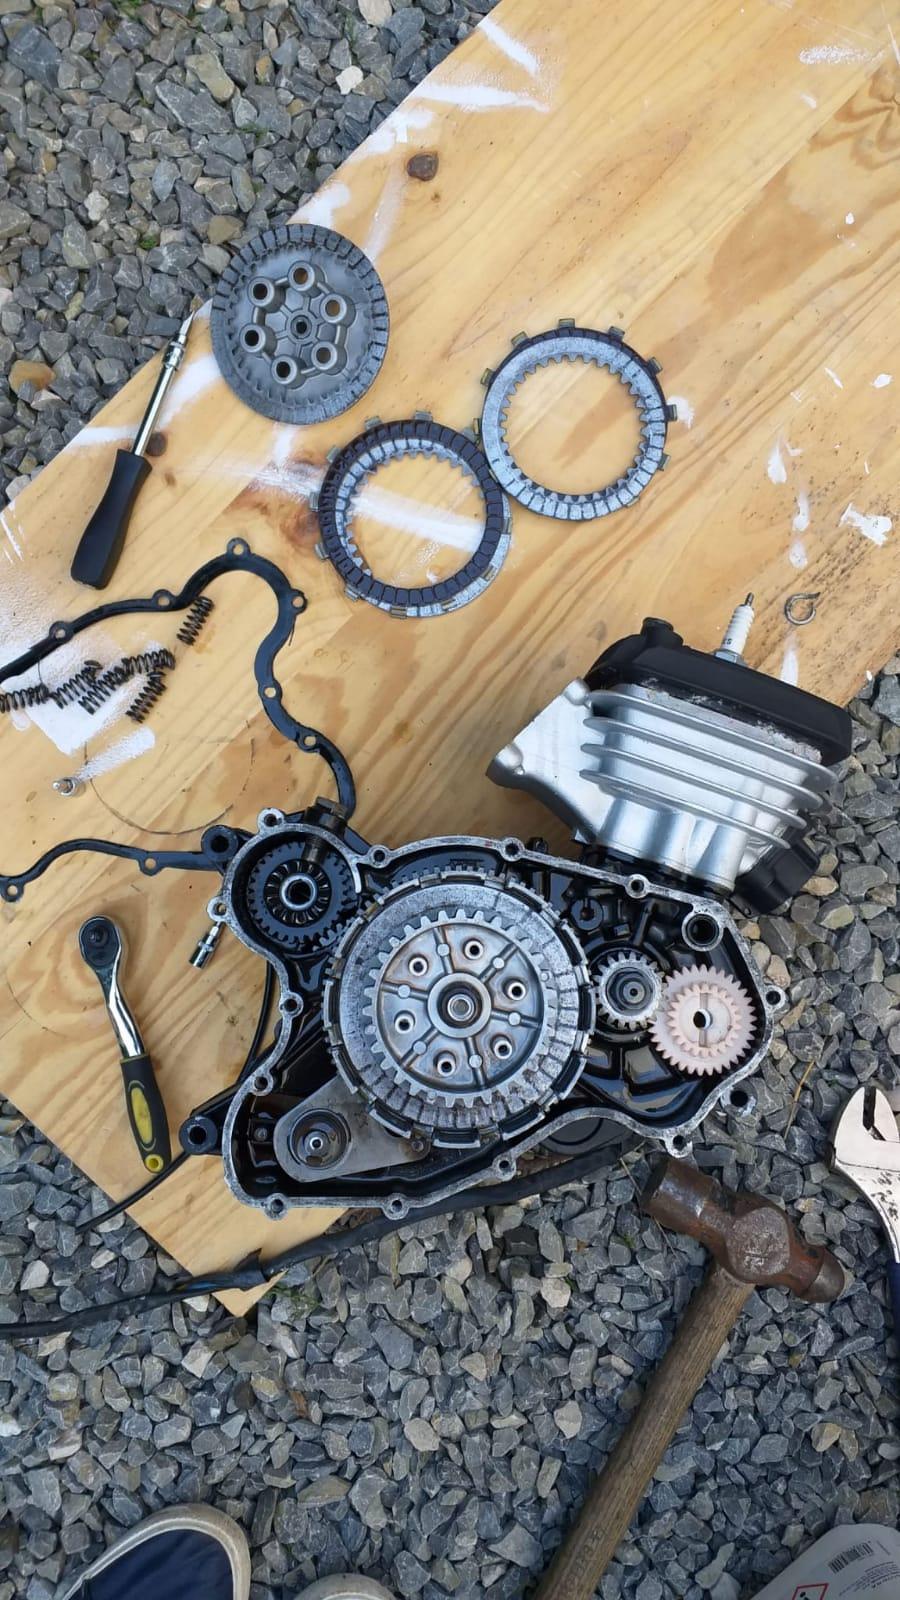 Rieju MR 80, transformación y restauración. - Página 2 Img-2010